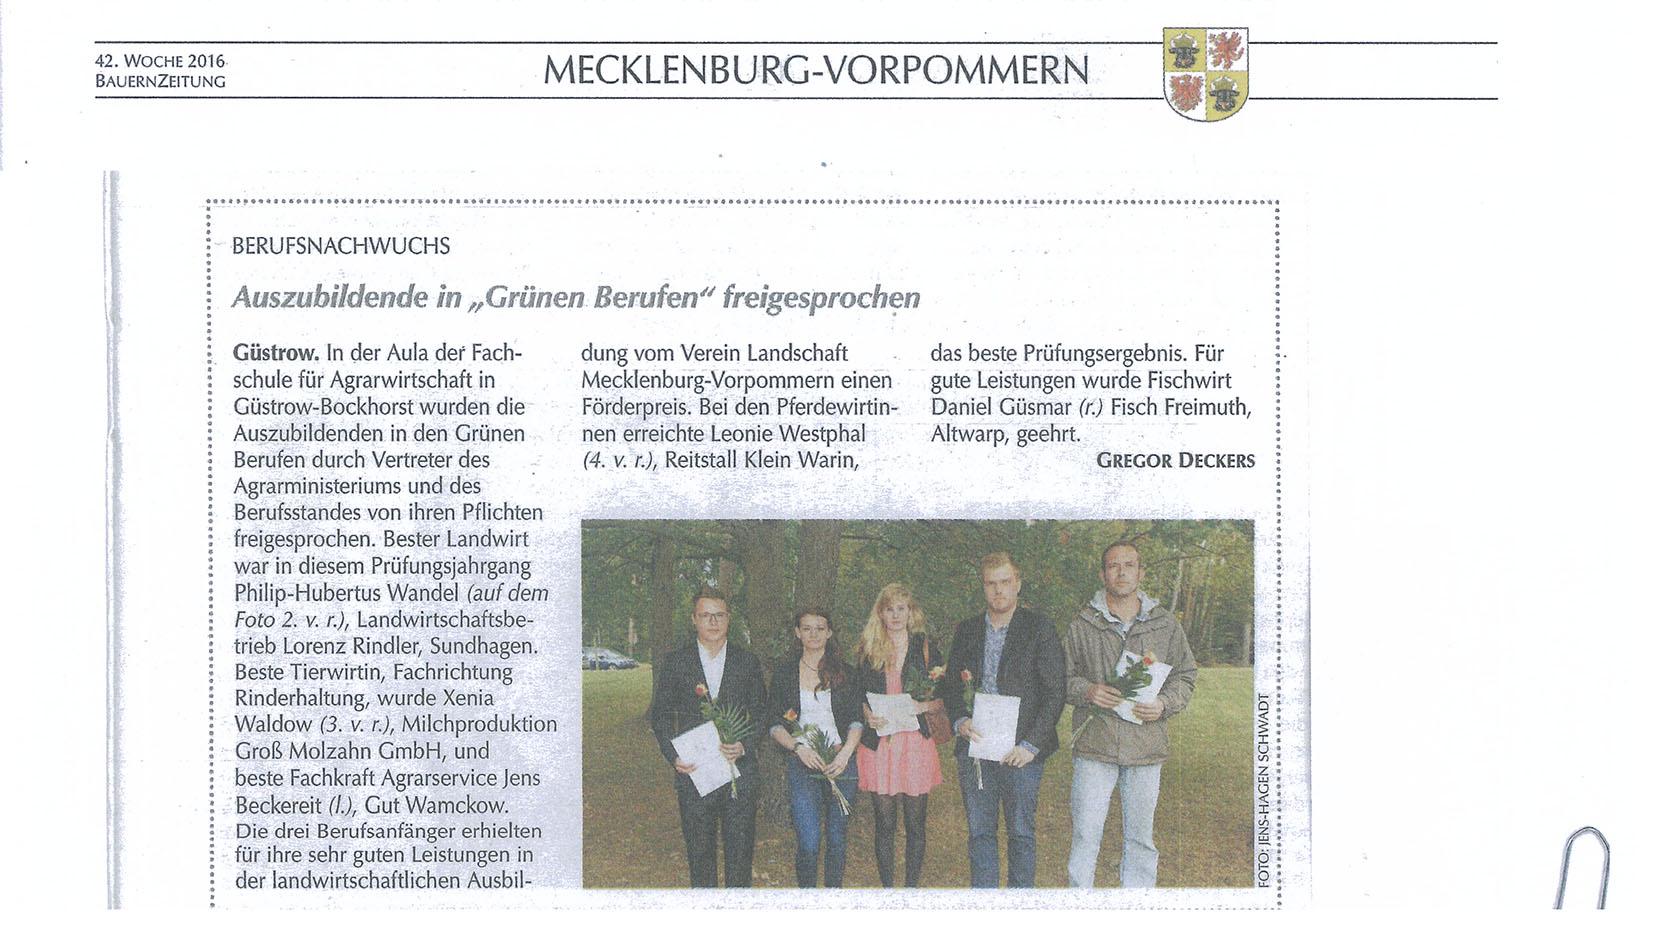 Bauernzeitung 2016